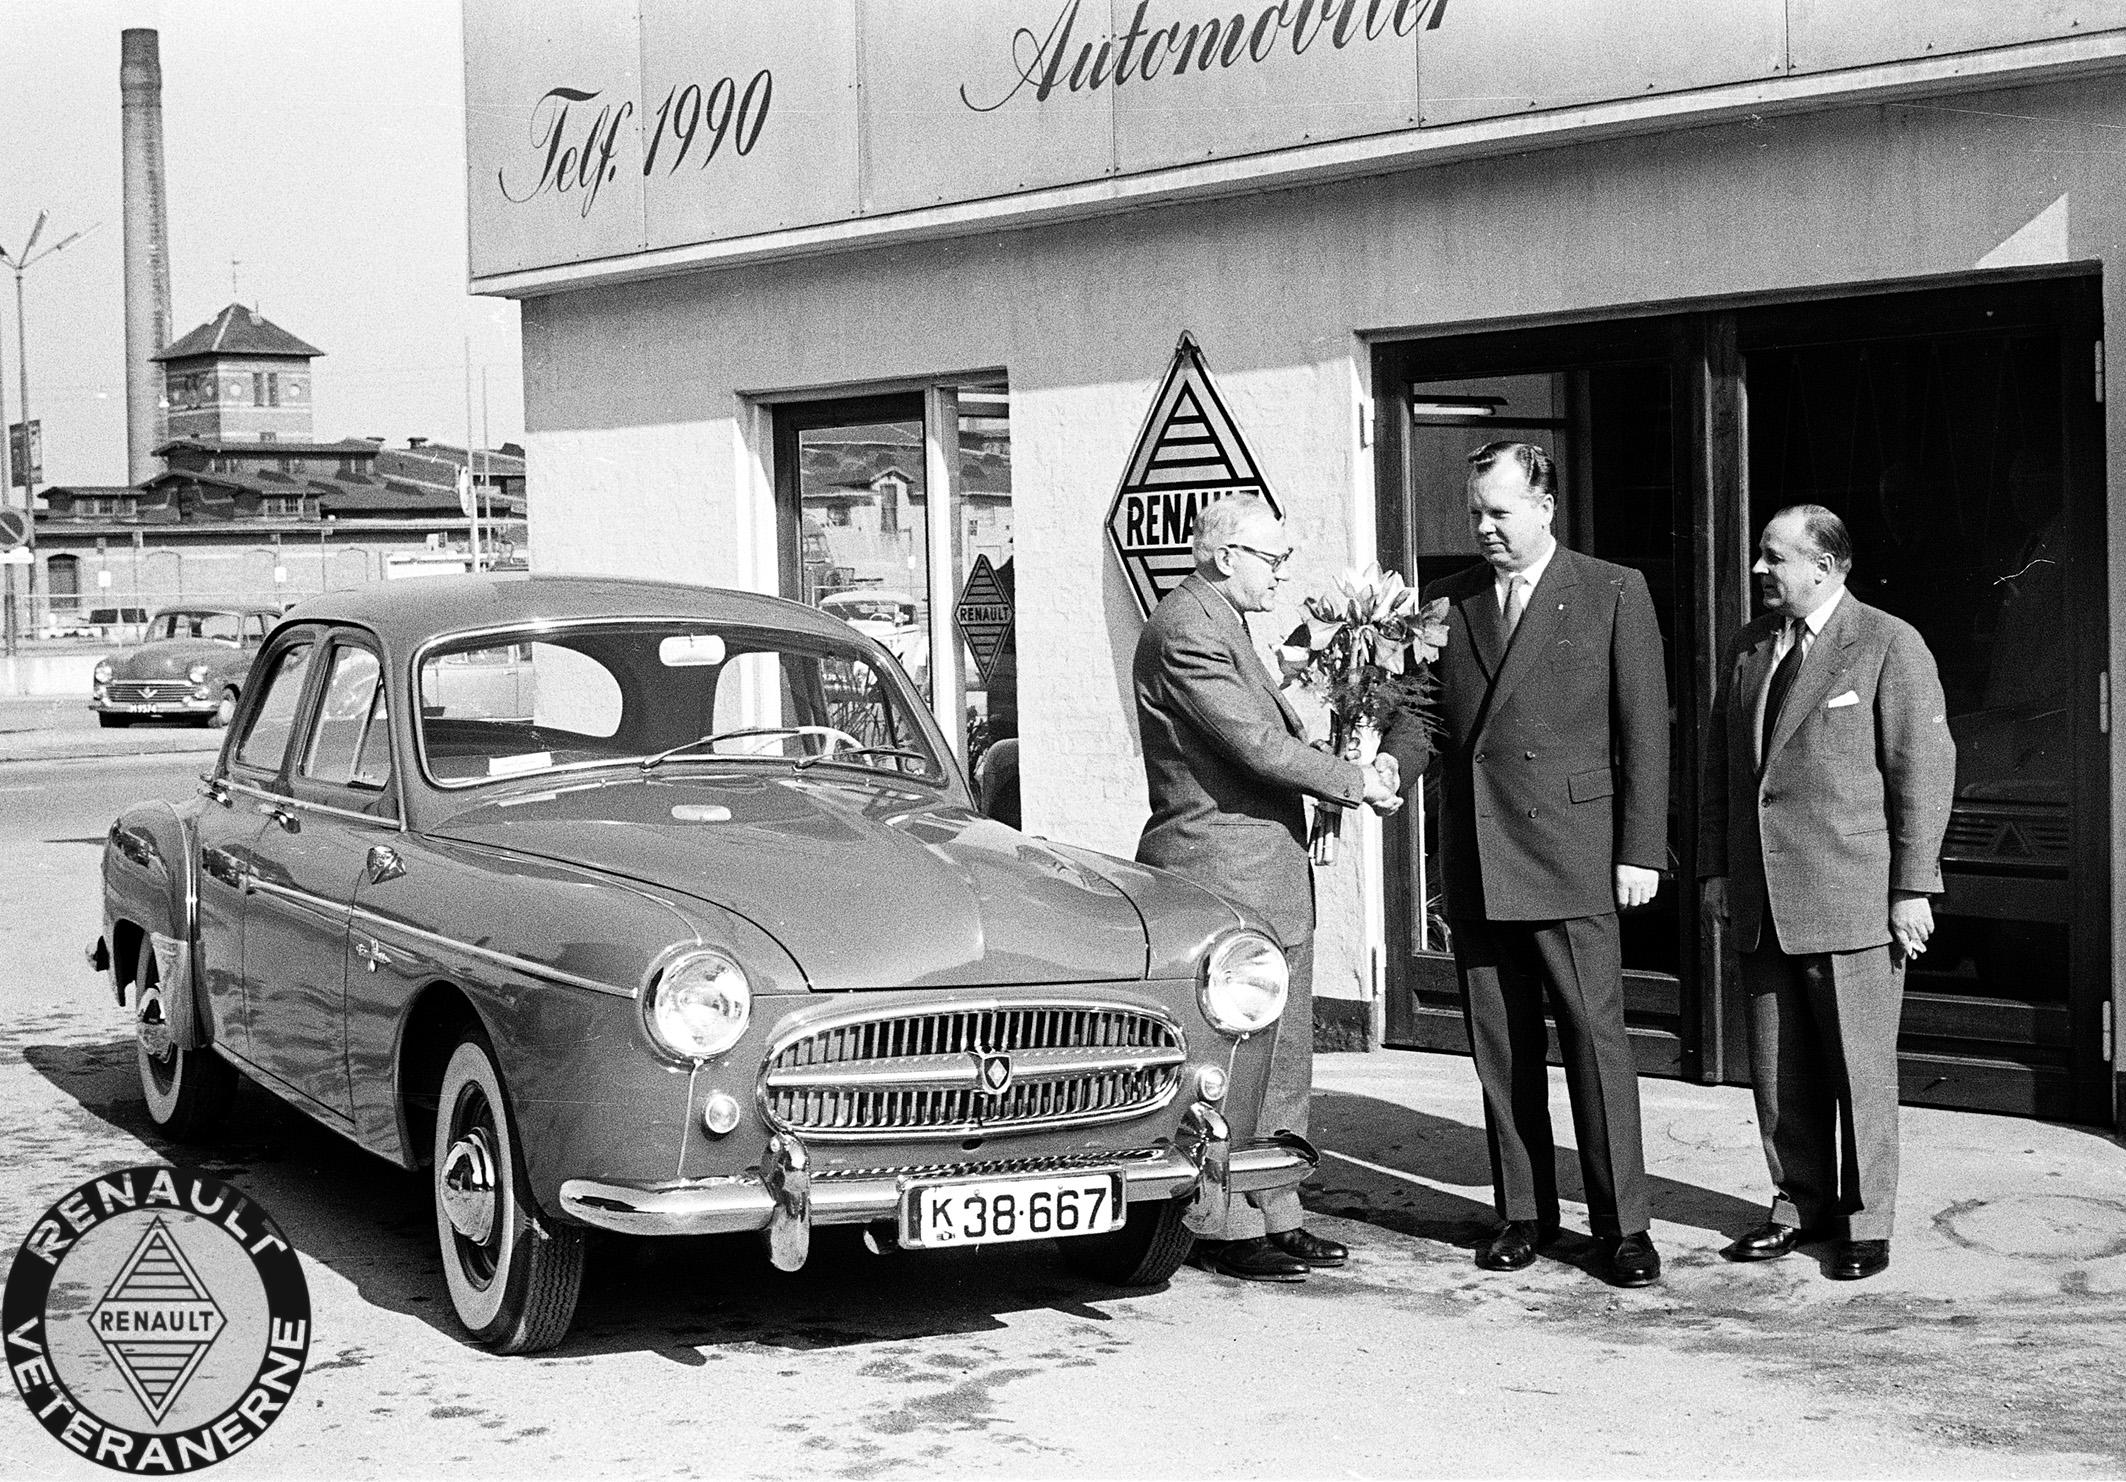 Da Svend Aage Madsen (i midten) i 1958 havde indviet sin nye forretning i Odense, blev dette naturligvis behørigt fejret. Her kom salgsdirektør Peder Lisberg (tv) og rejseinspektør Halvor Kent (th), som repræsentanter fra Brdr. Friis-Hansen, kørende til åbningen i topmodellen Renault Frégate Transfluide.